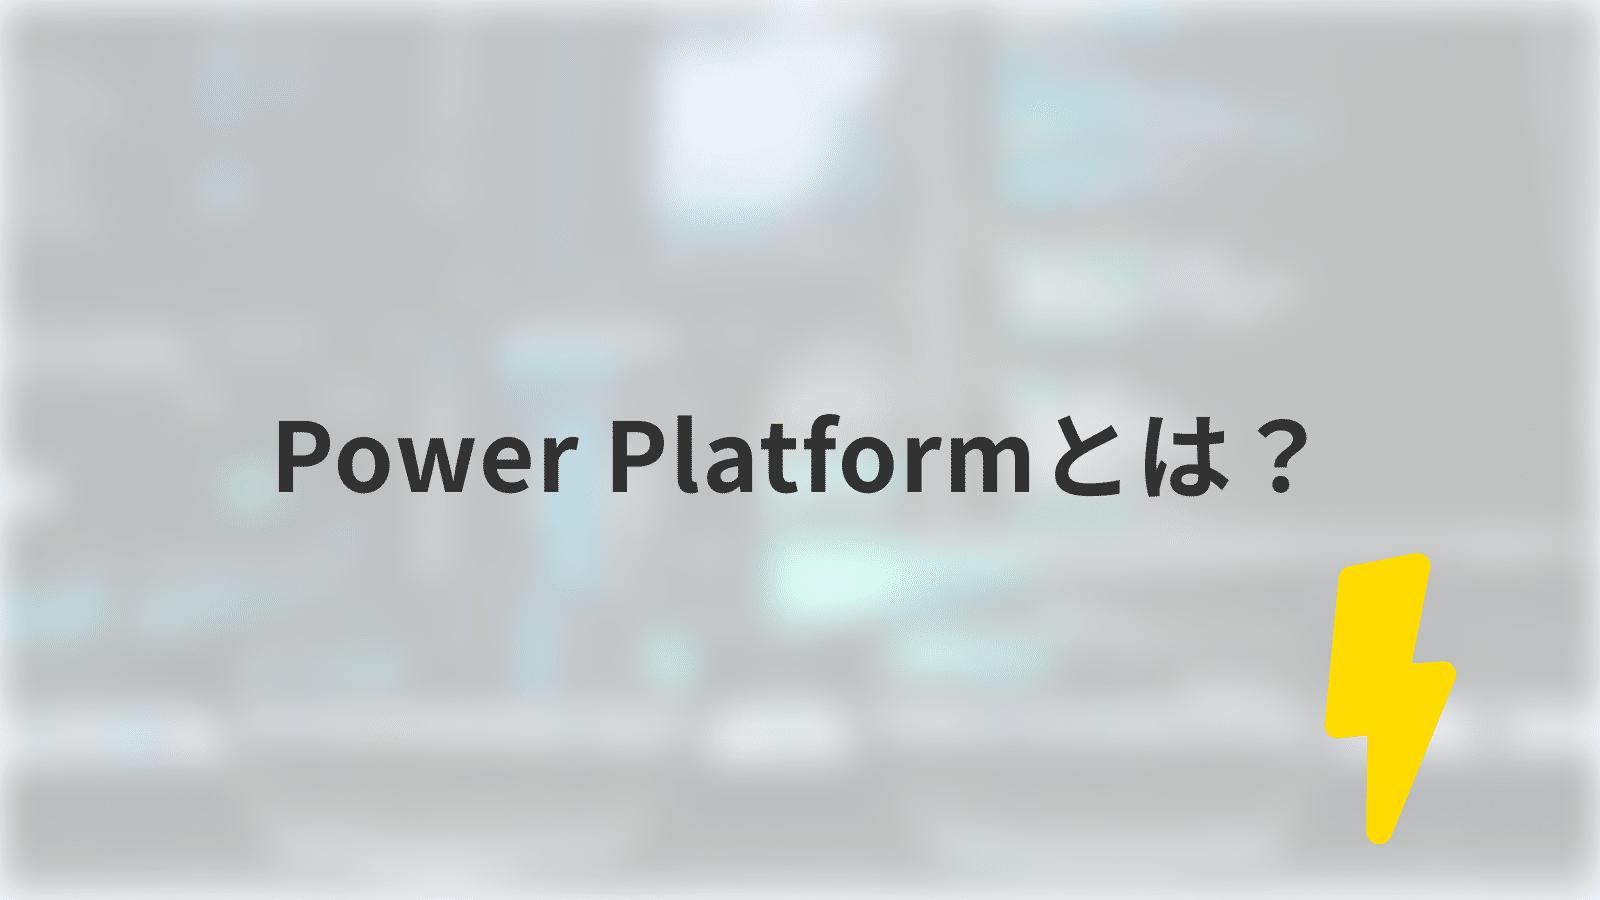 Power Platformとは